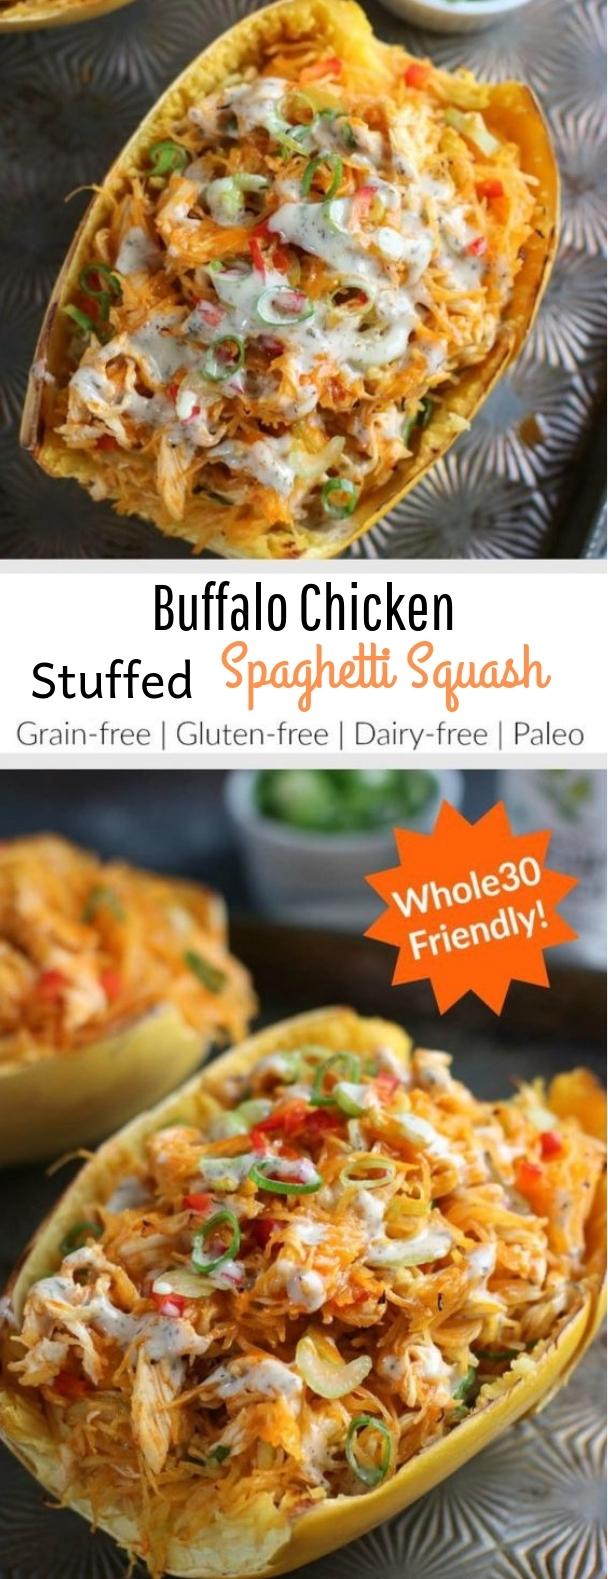 Buffalo Chicken Stuffed Spaghetti Squash #paleo #glutenfree #stuffedspaghettisquash